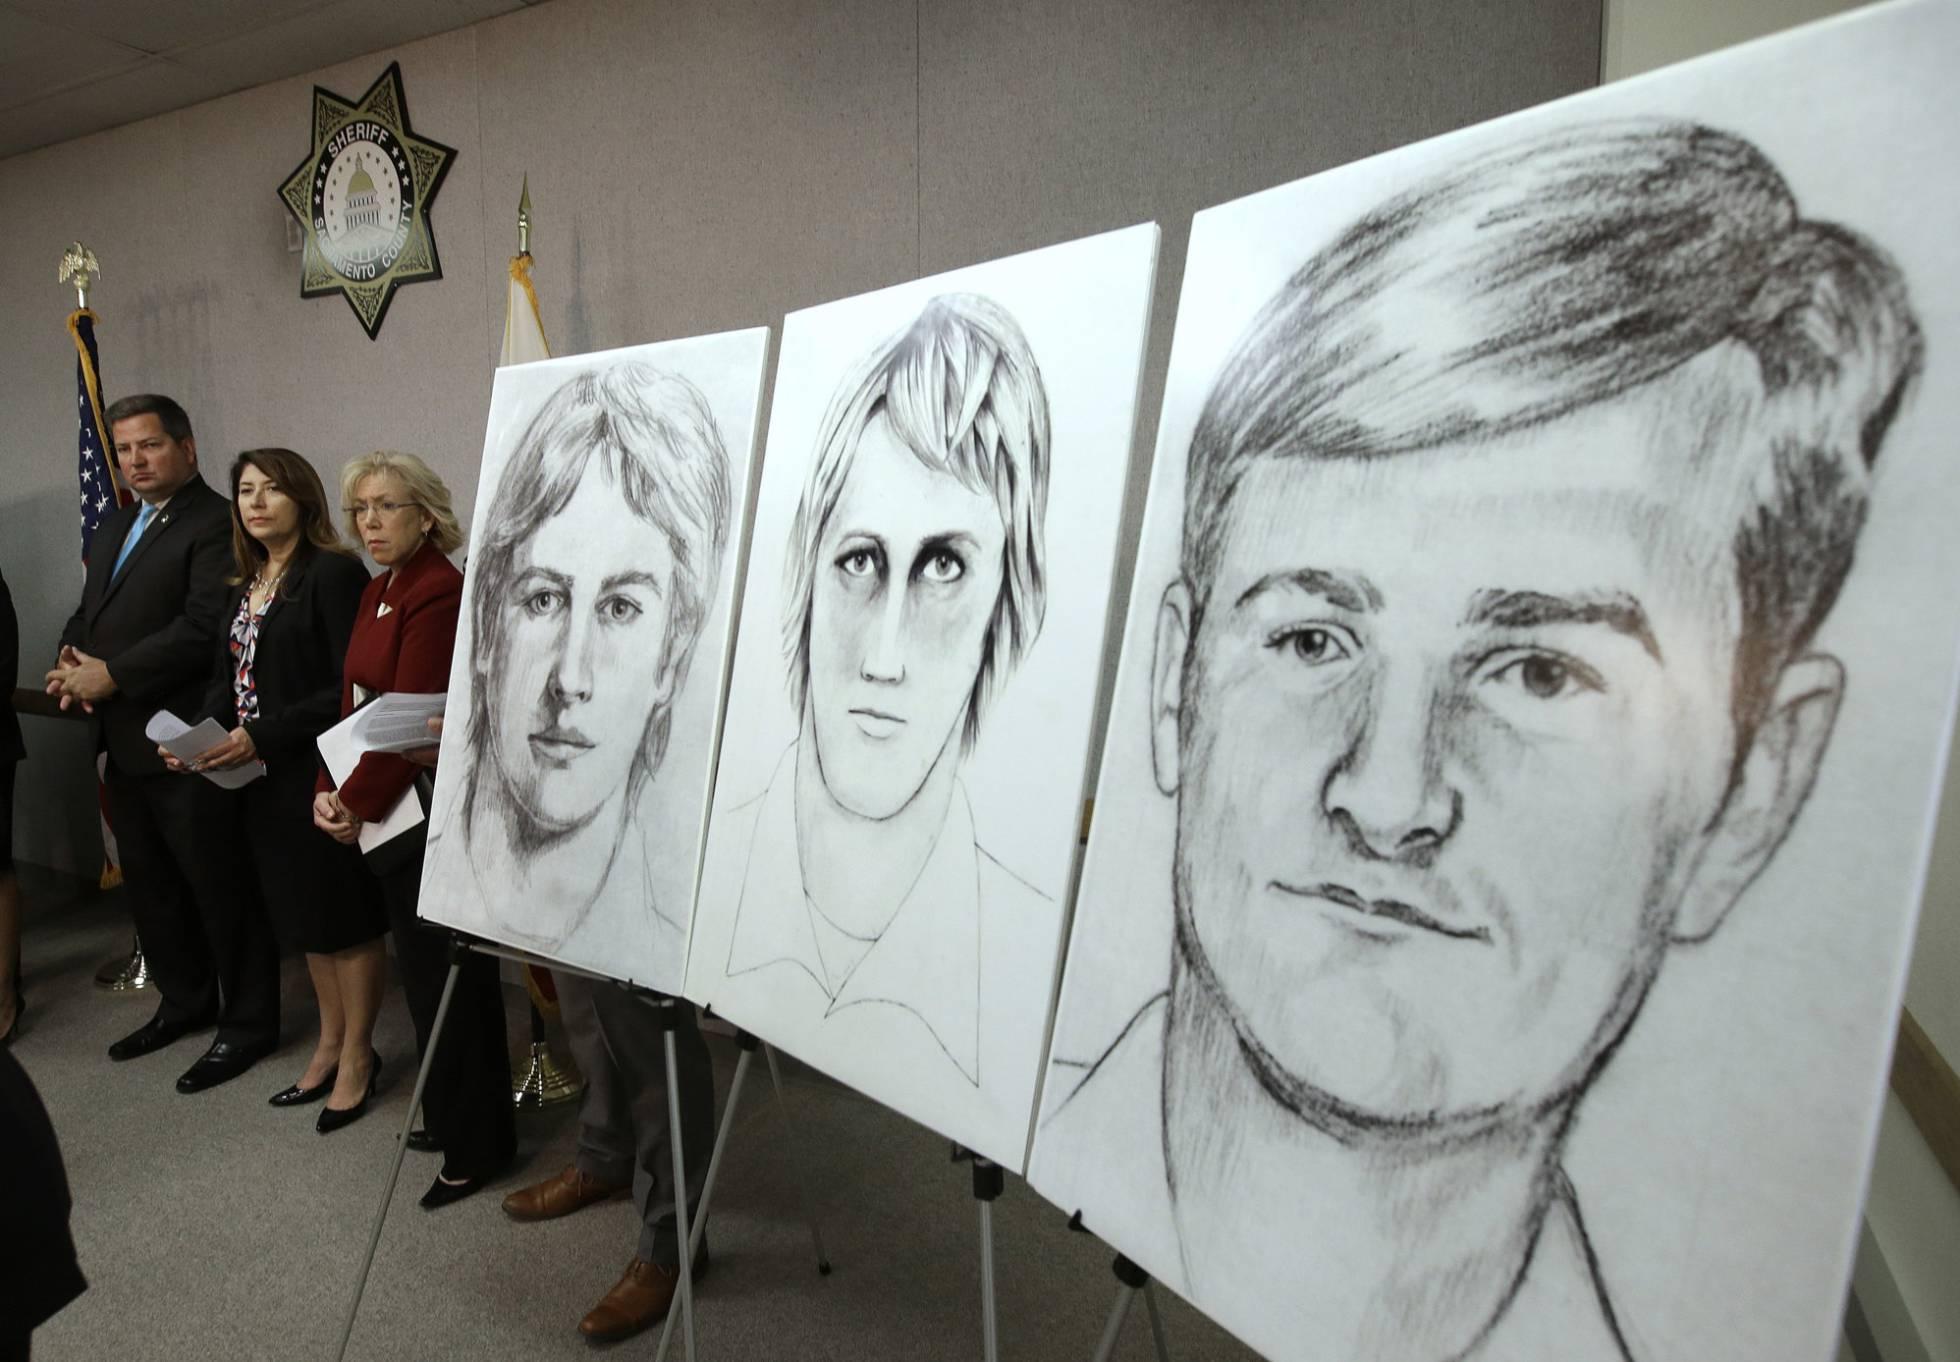 Detenido un sospechoso de decenas de violaciones y asesinatos en los años 70 en California